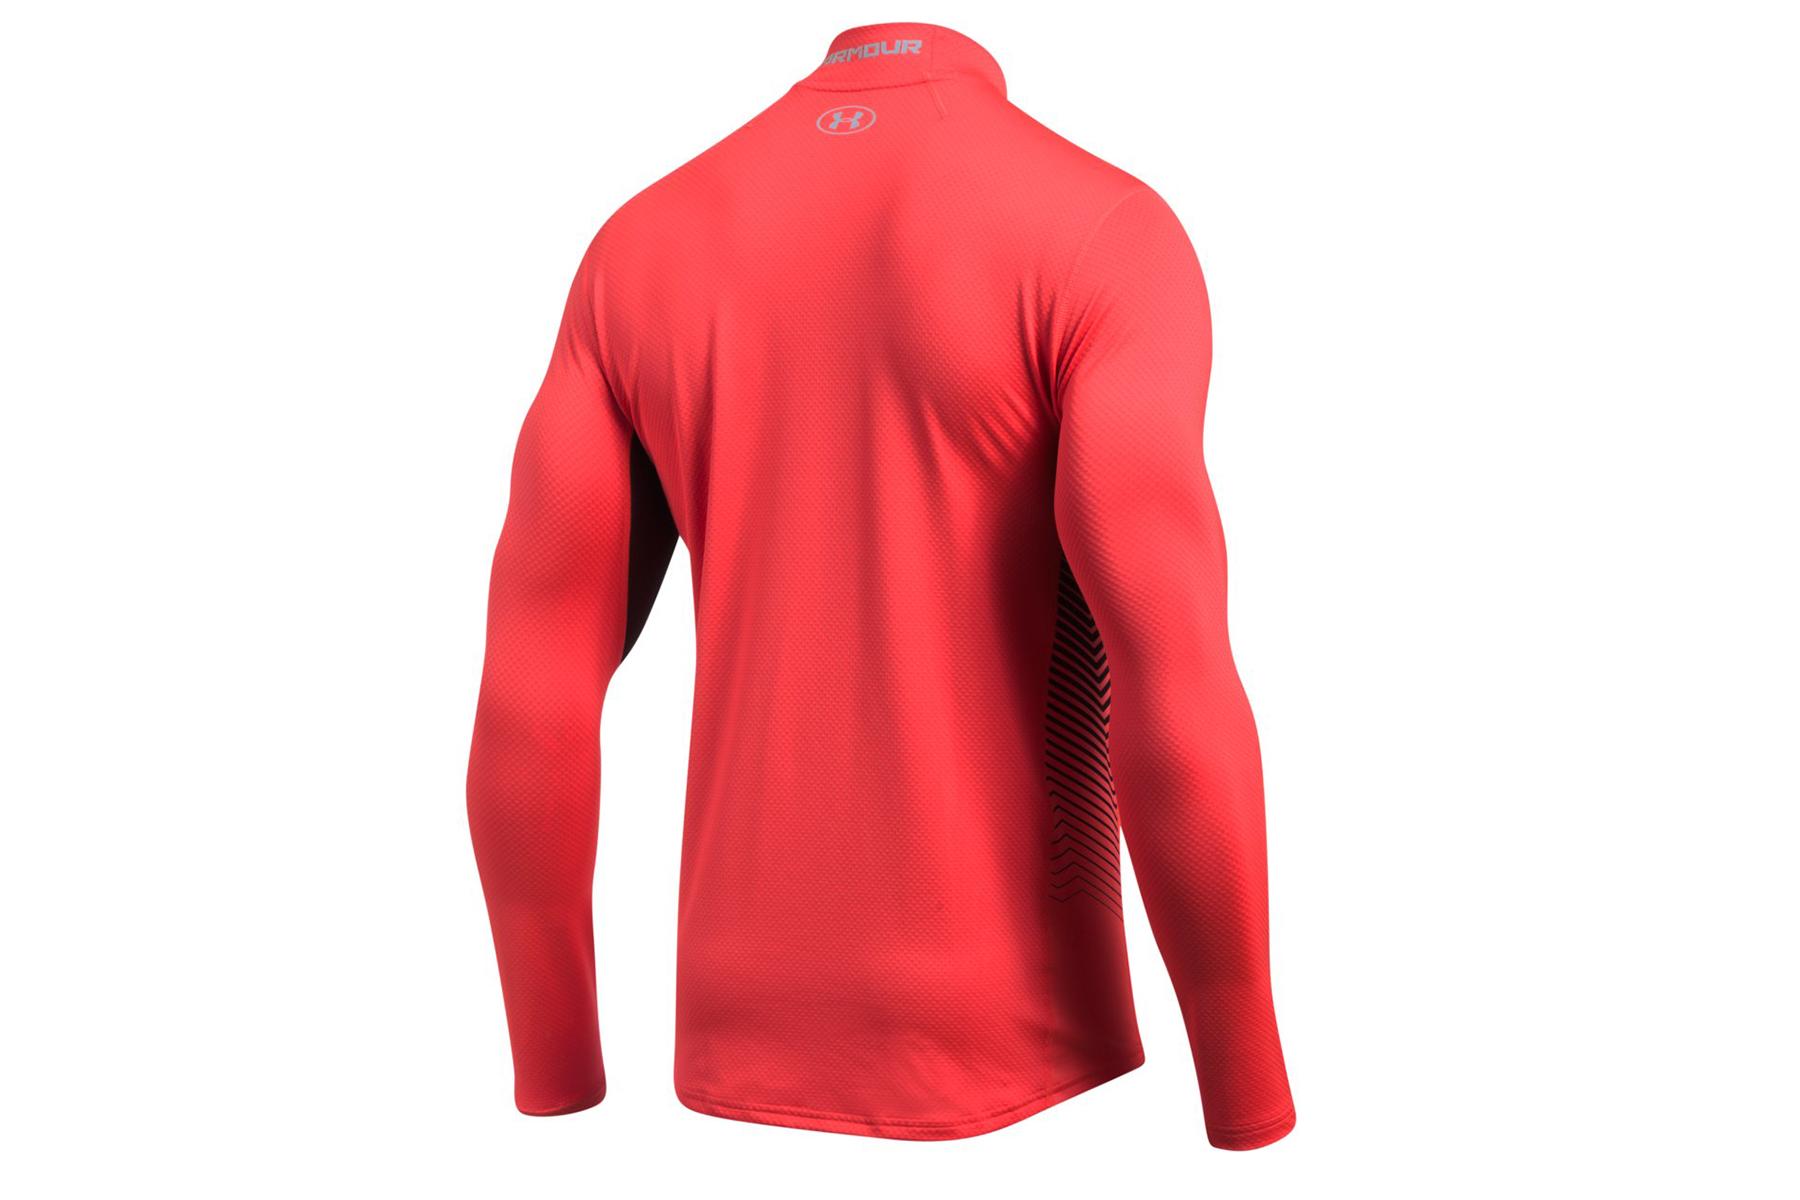 Base clothing online